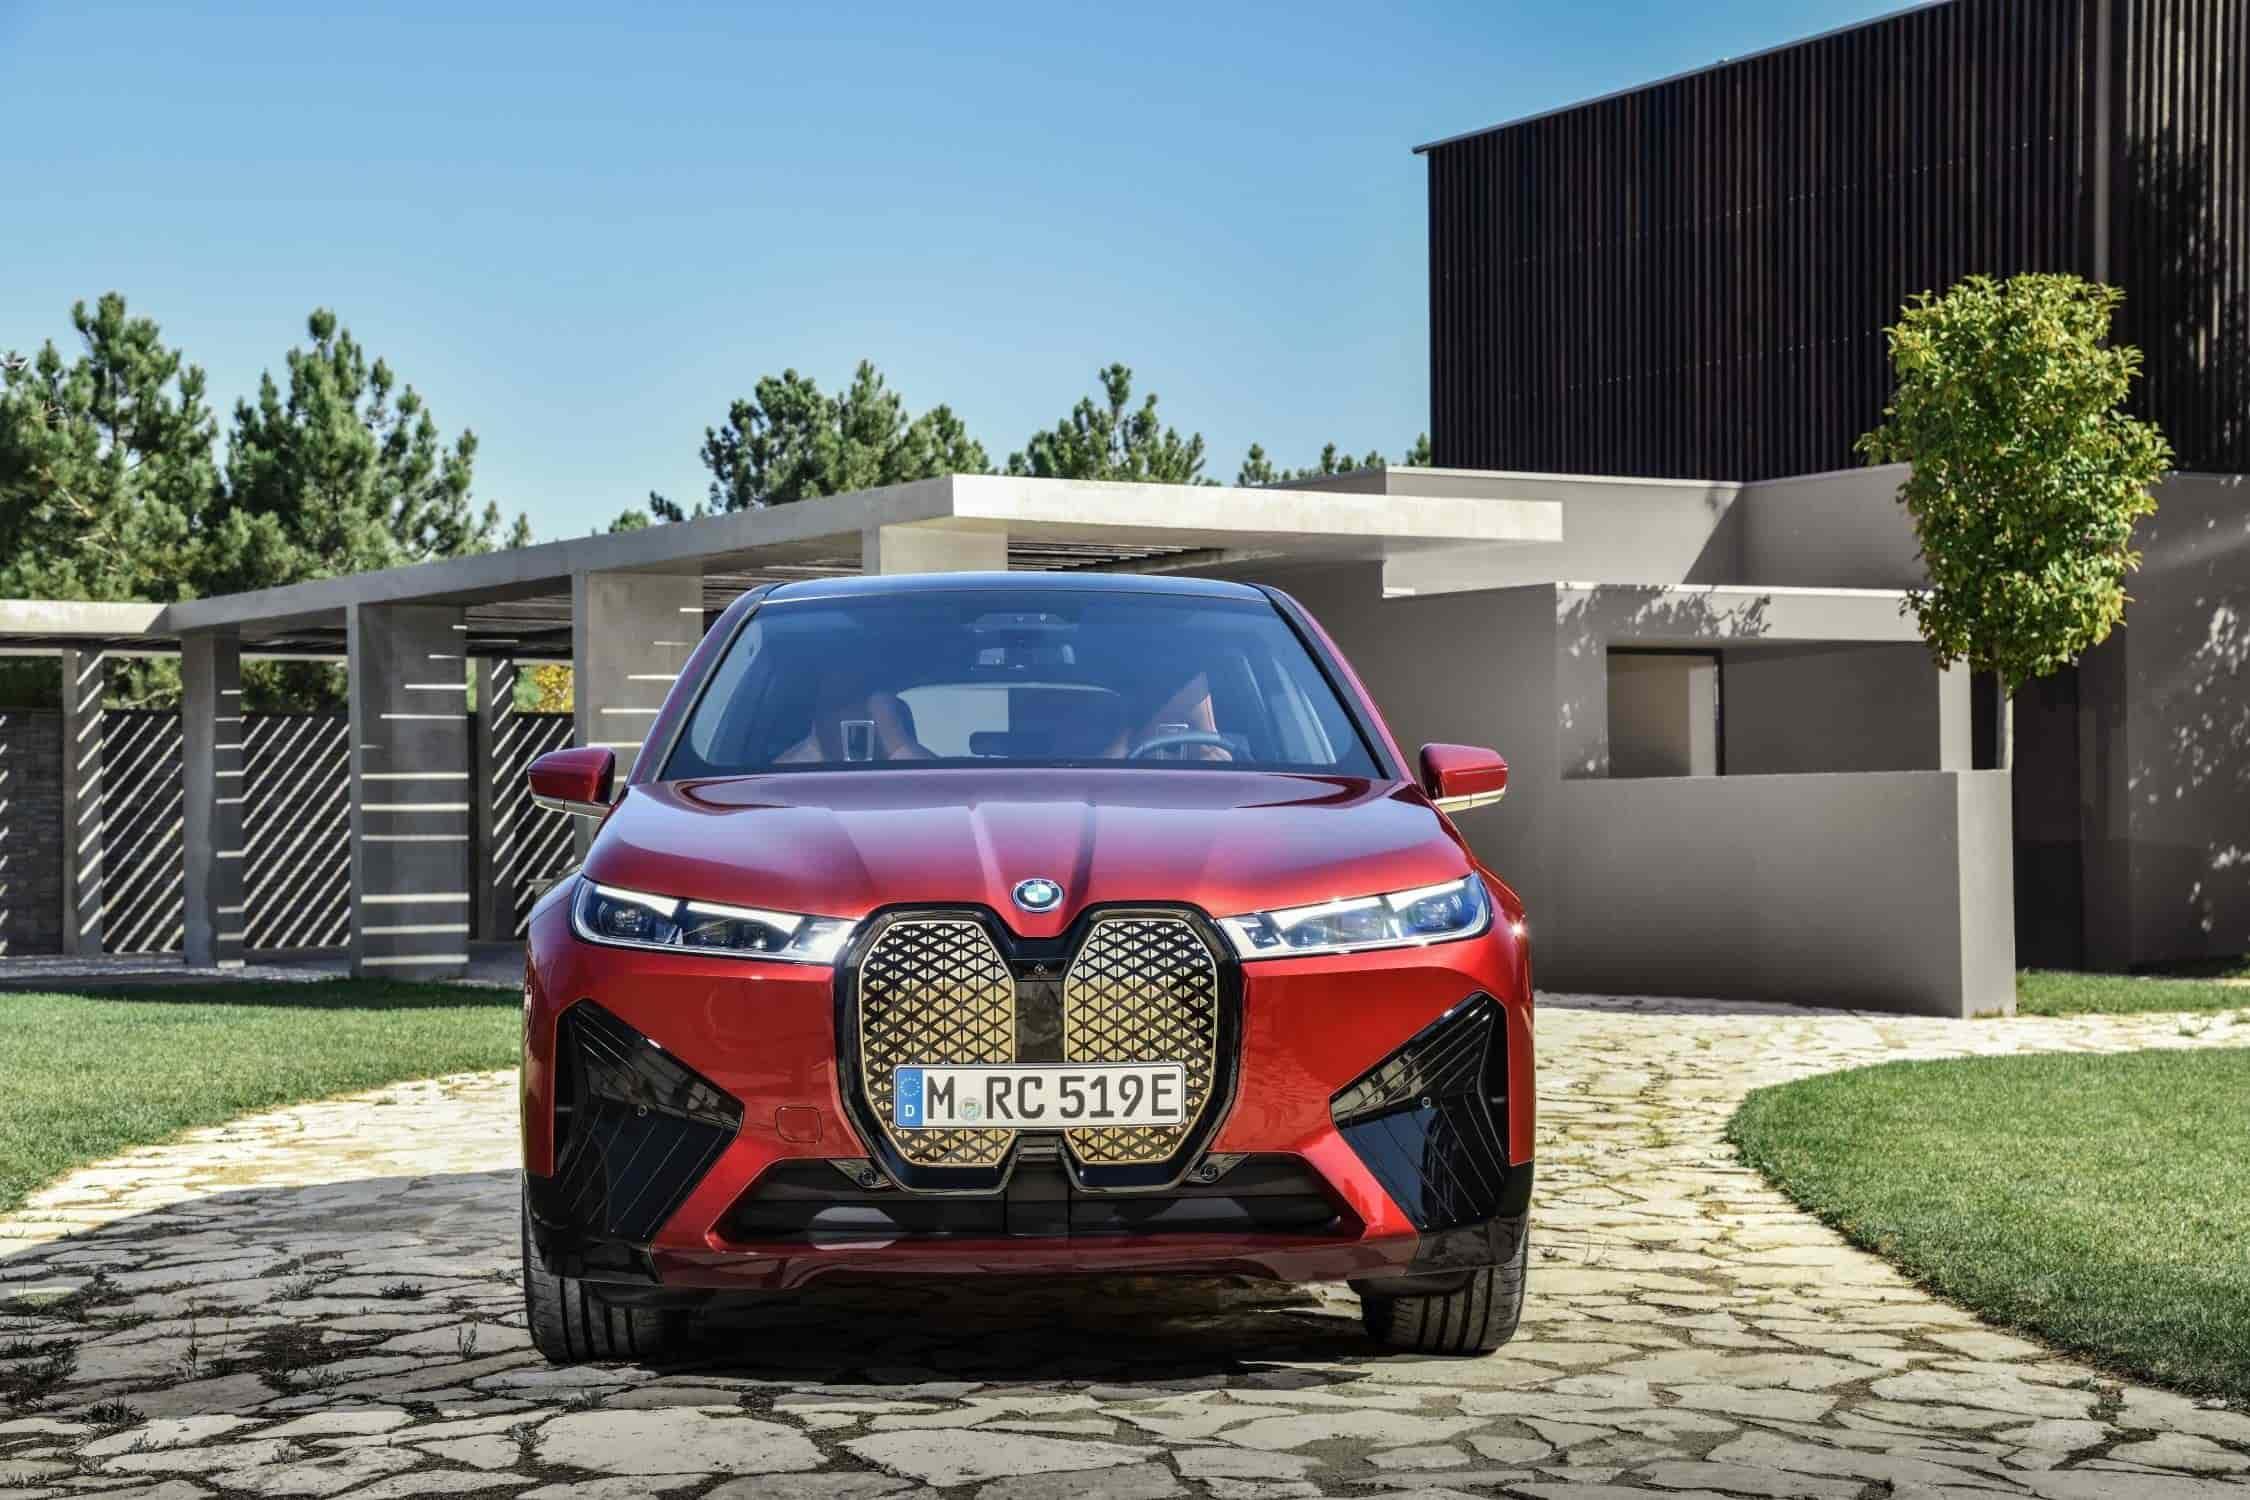 13. BMW iX - 2021.En el totalmente eléctrico BMW iX, la parrilla doble en forma de riñón toma la forma de un desarrollo adicional de la parrilla del BMW i3, con una ruptura única y sorprendente de la barra central habitual. La parrilla para el BMW iX fue desarrollada en el Centro de Tecnología y Construcción Ligera de Landshut (LuTZ) de BMW Group y será símbolo de la transformación de la industria: para el BMW iX, la parrilla que caracteriza a la marca se convertirá en un componente no solo estético, sino tecnológico multifuncional e innovador. Detrás de la superficie cerrada de la parrilla, las cámaras, los sensores y otras tecnologías para la conducción asistida y automatizada están trabajando arduamente. Internamente, esta solución se conoce como shy-tech: alta tecnología que funciona en secreto.